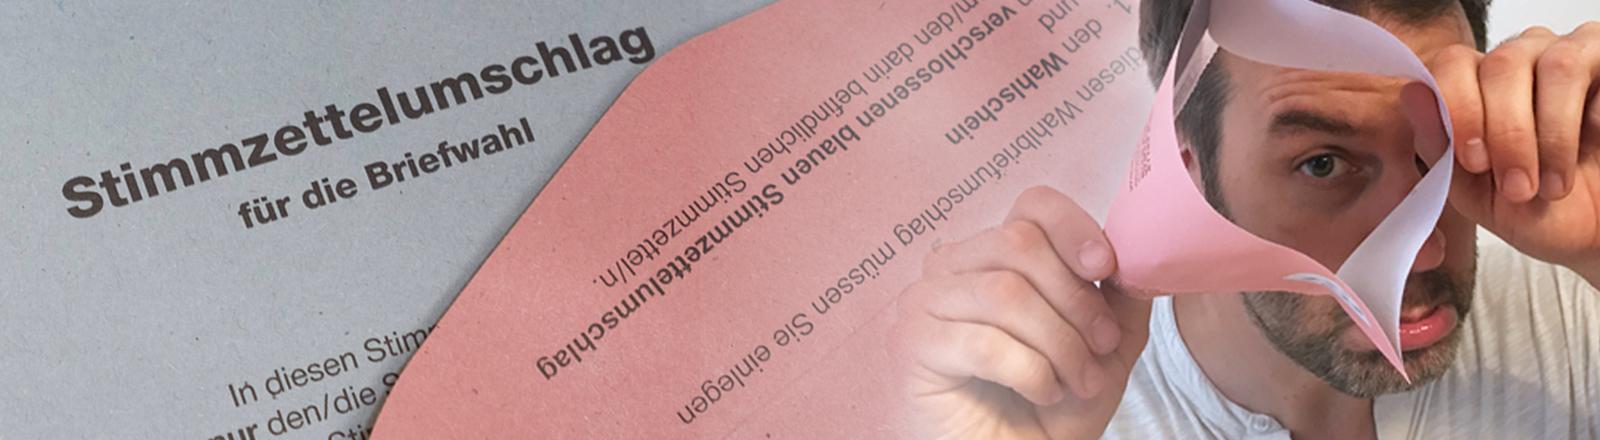 Ralph Günther mit defektem Briefwahl-Umschlag